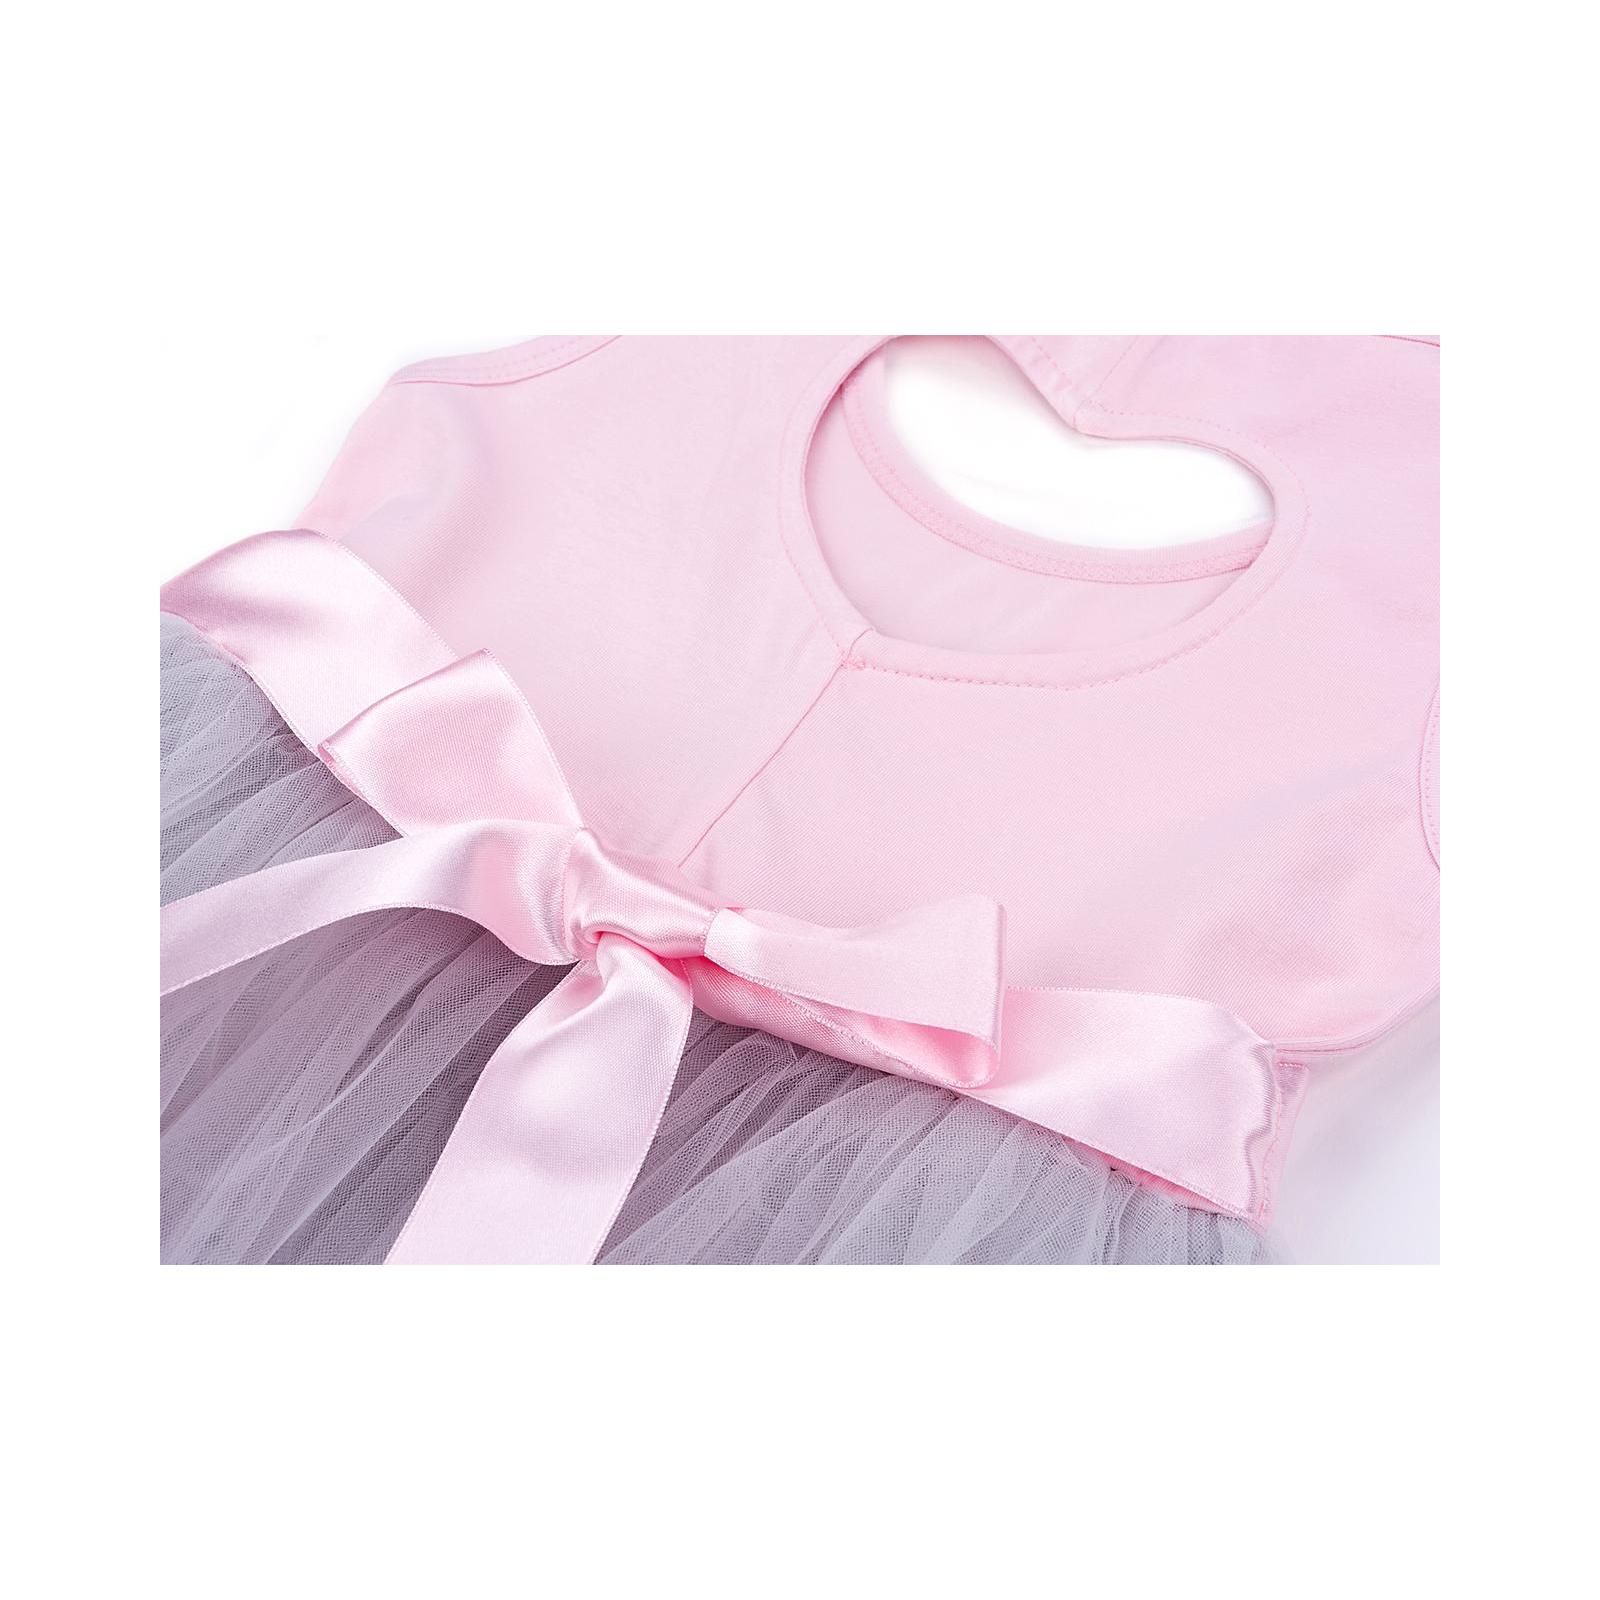 Платье Breeze сарафан с фатиновой юбкой и сердцем (10862-104G-pink) изображение 6